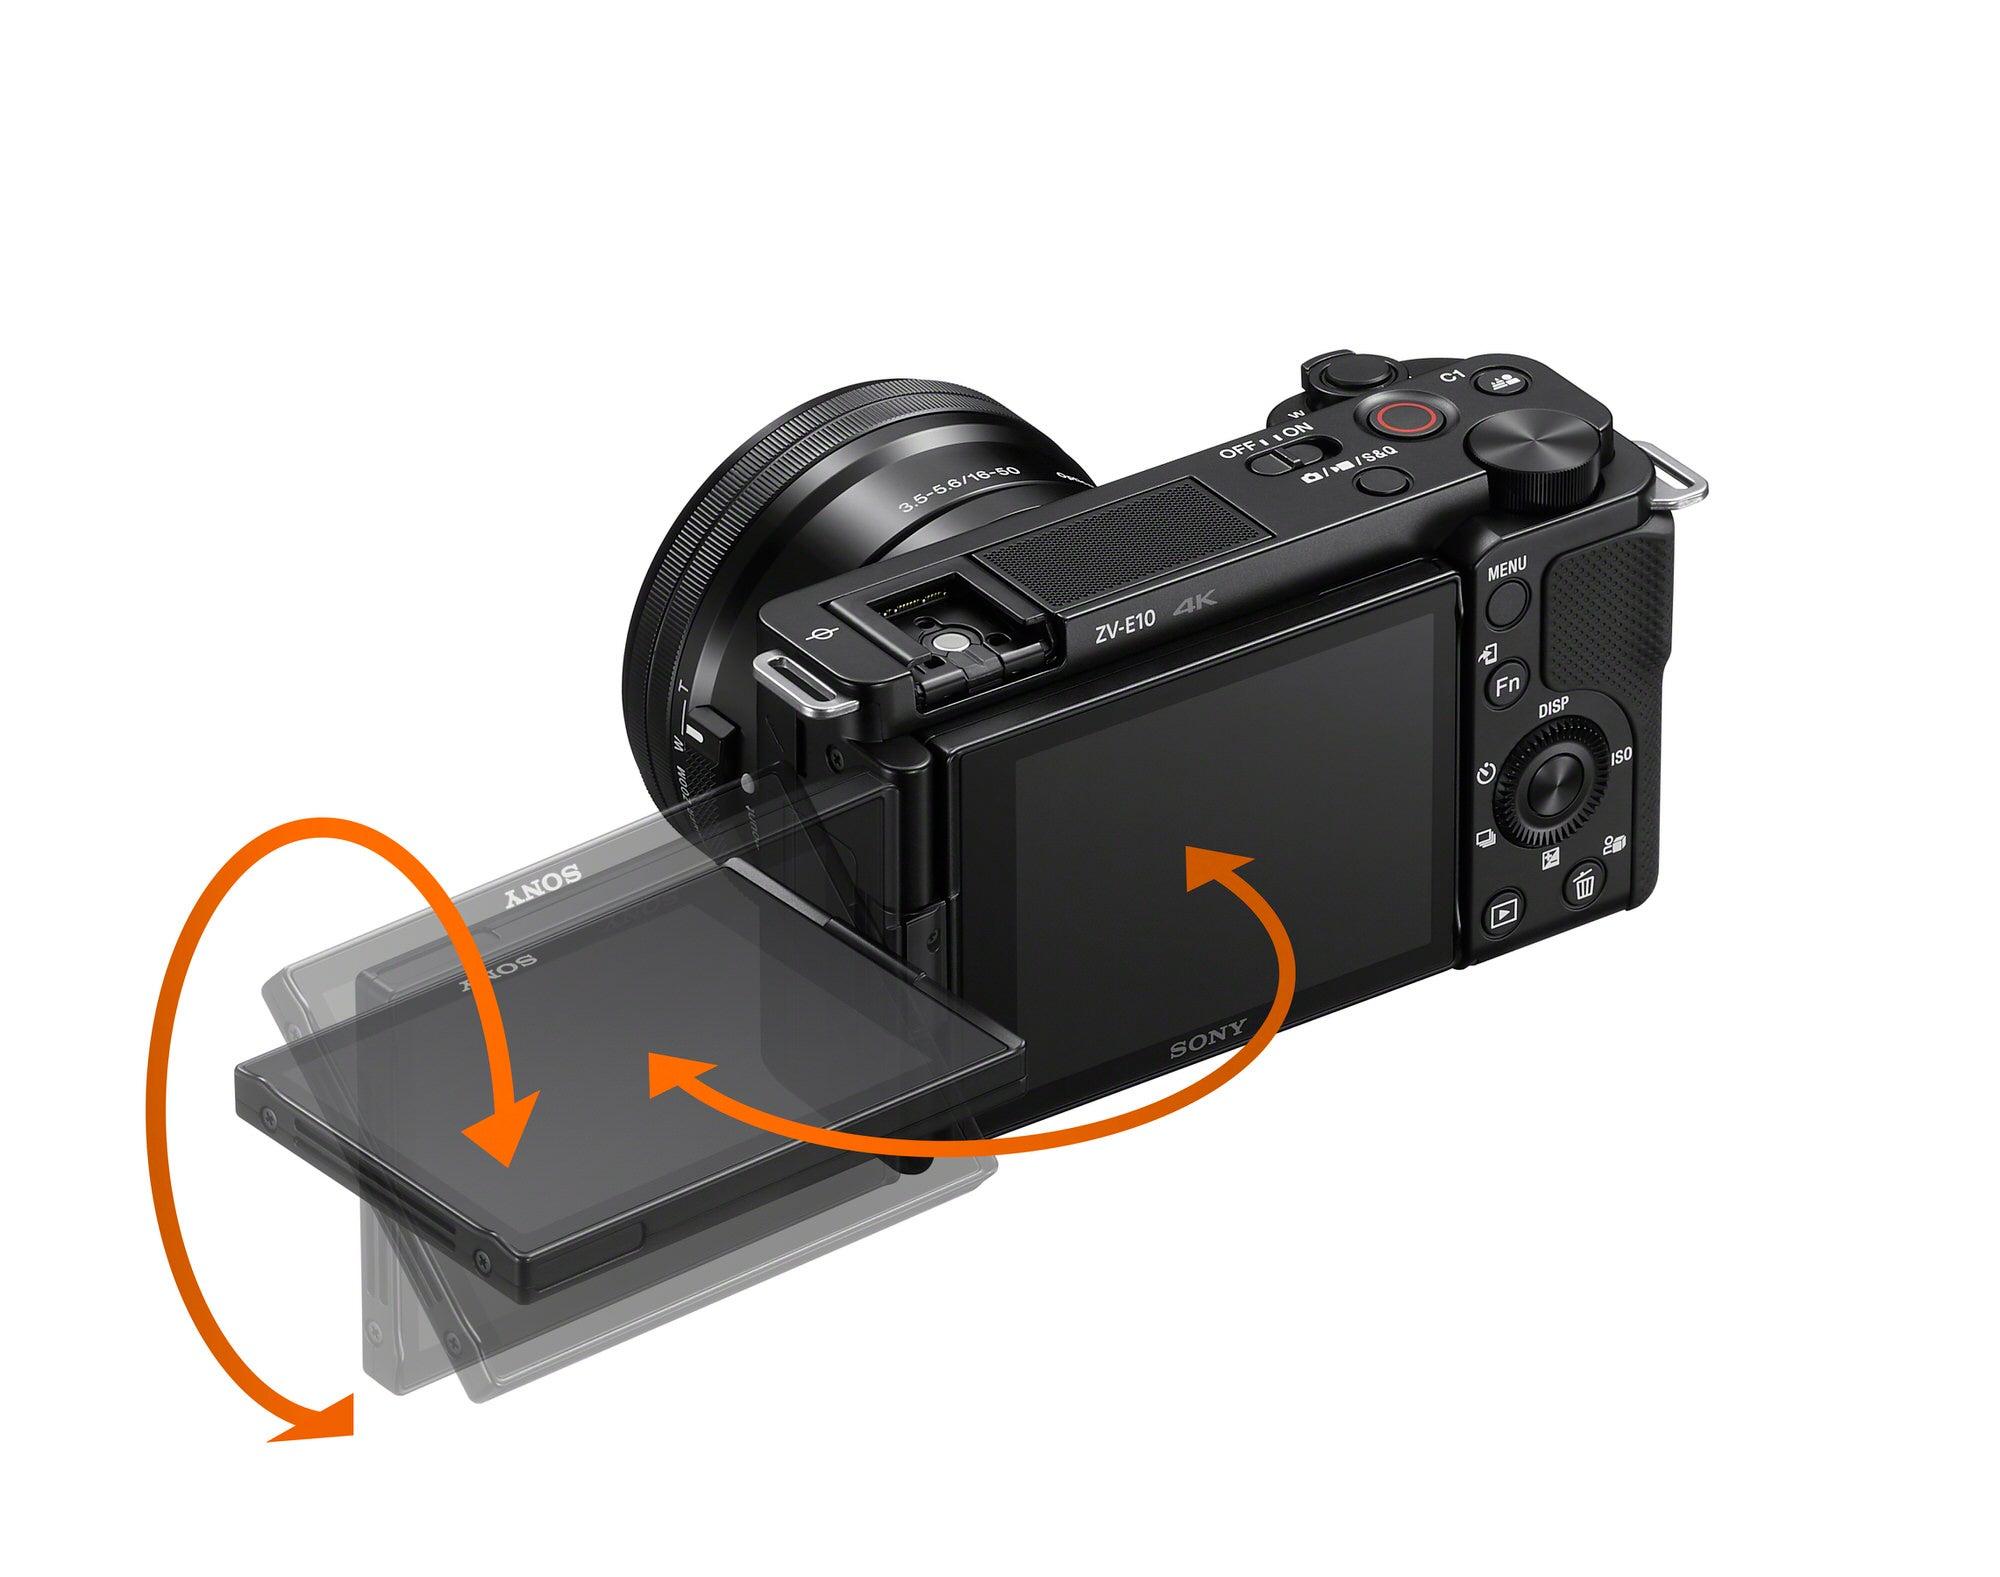 Sony ZV-E10 & Vari-angle LCD Screen